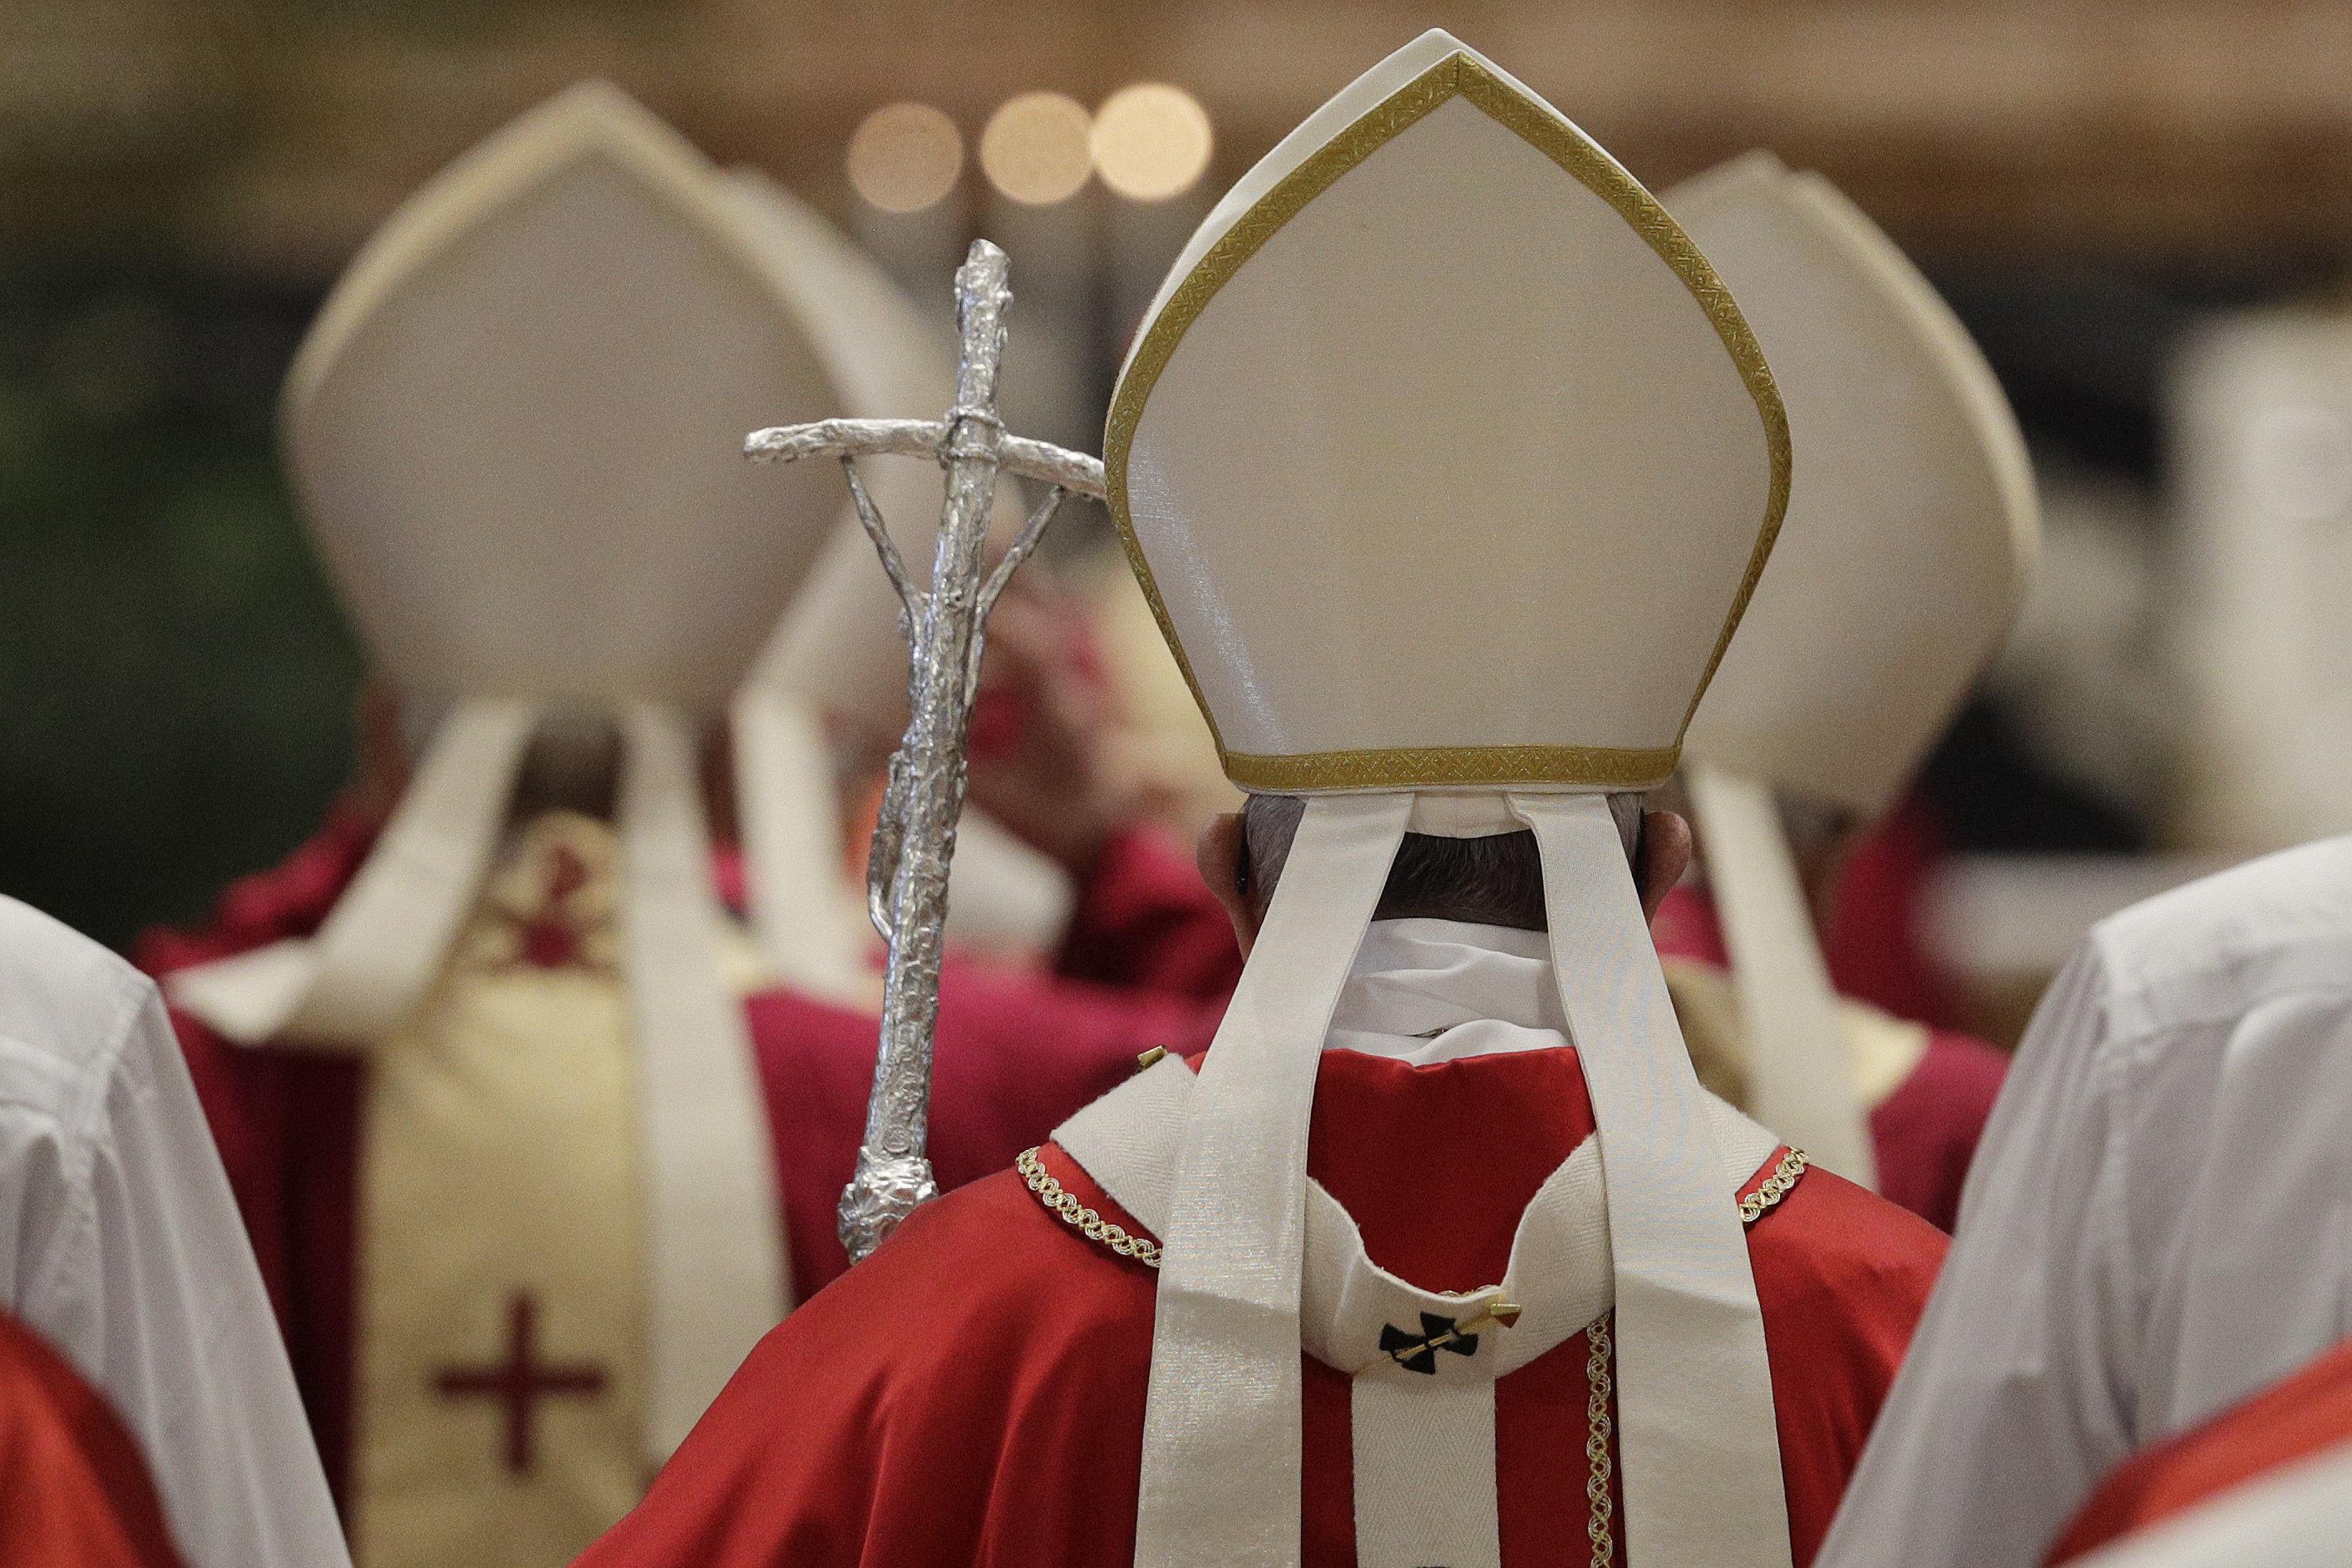 Το Δικαστήριο της ΕΕ αναγκάζει την Ιταλία να εισπράξει φόρους από την Καθολική Εκκλησία